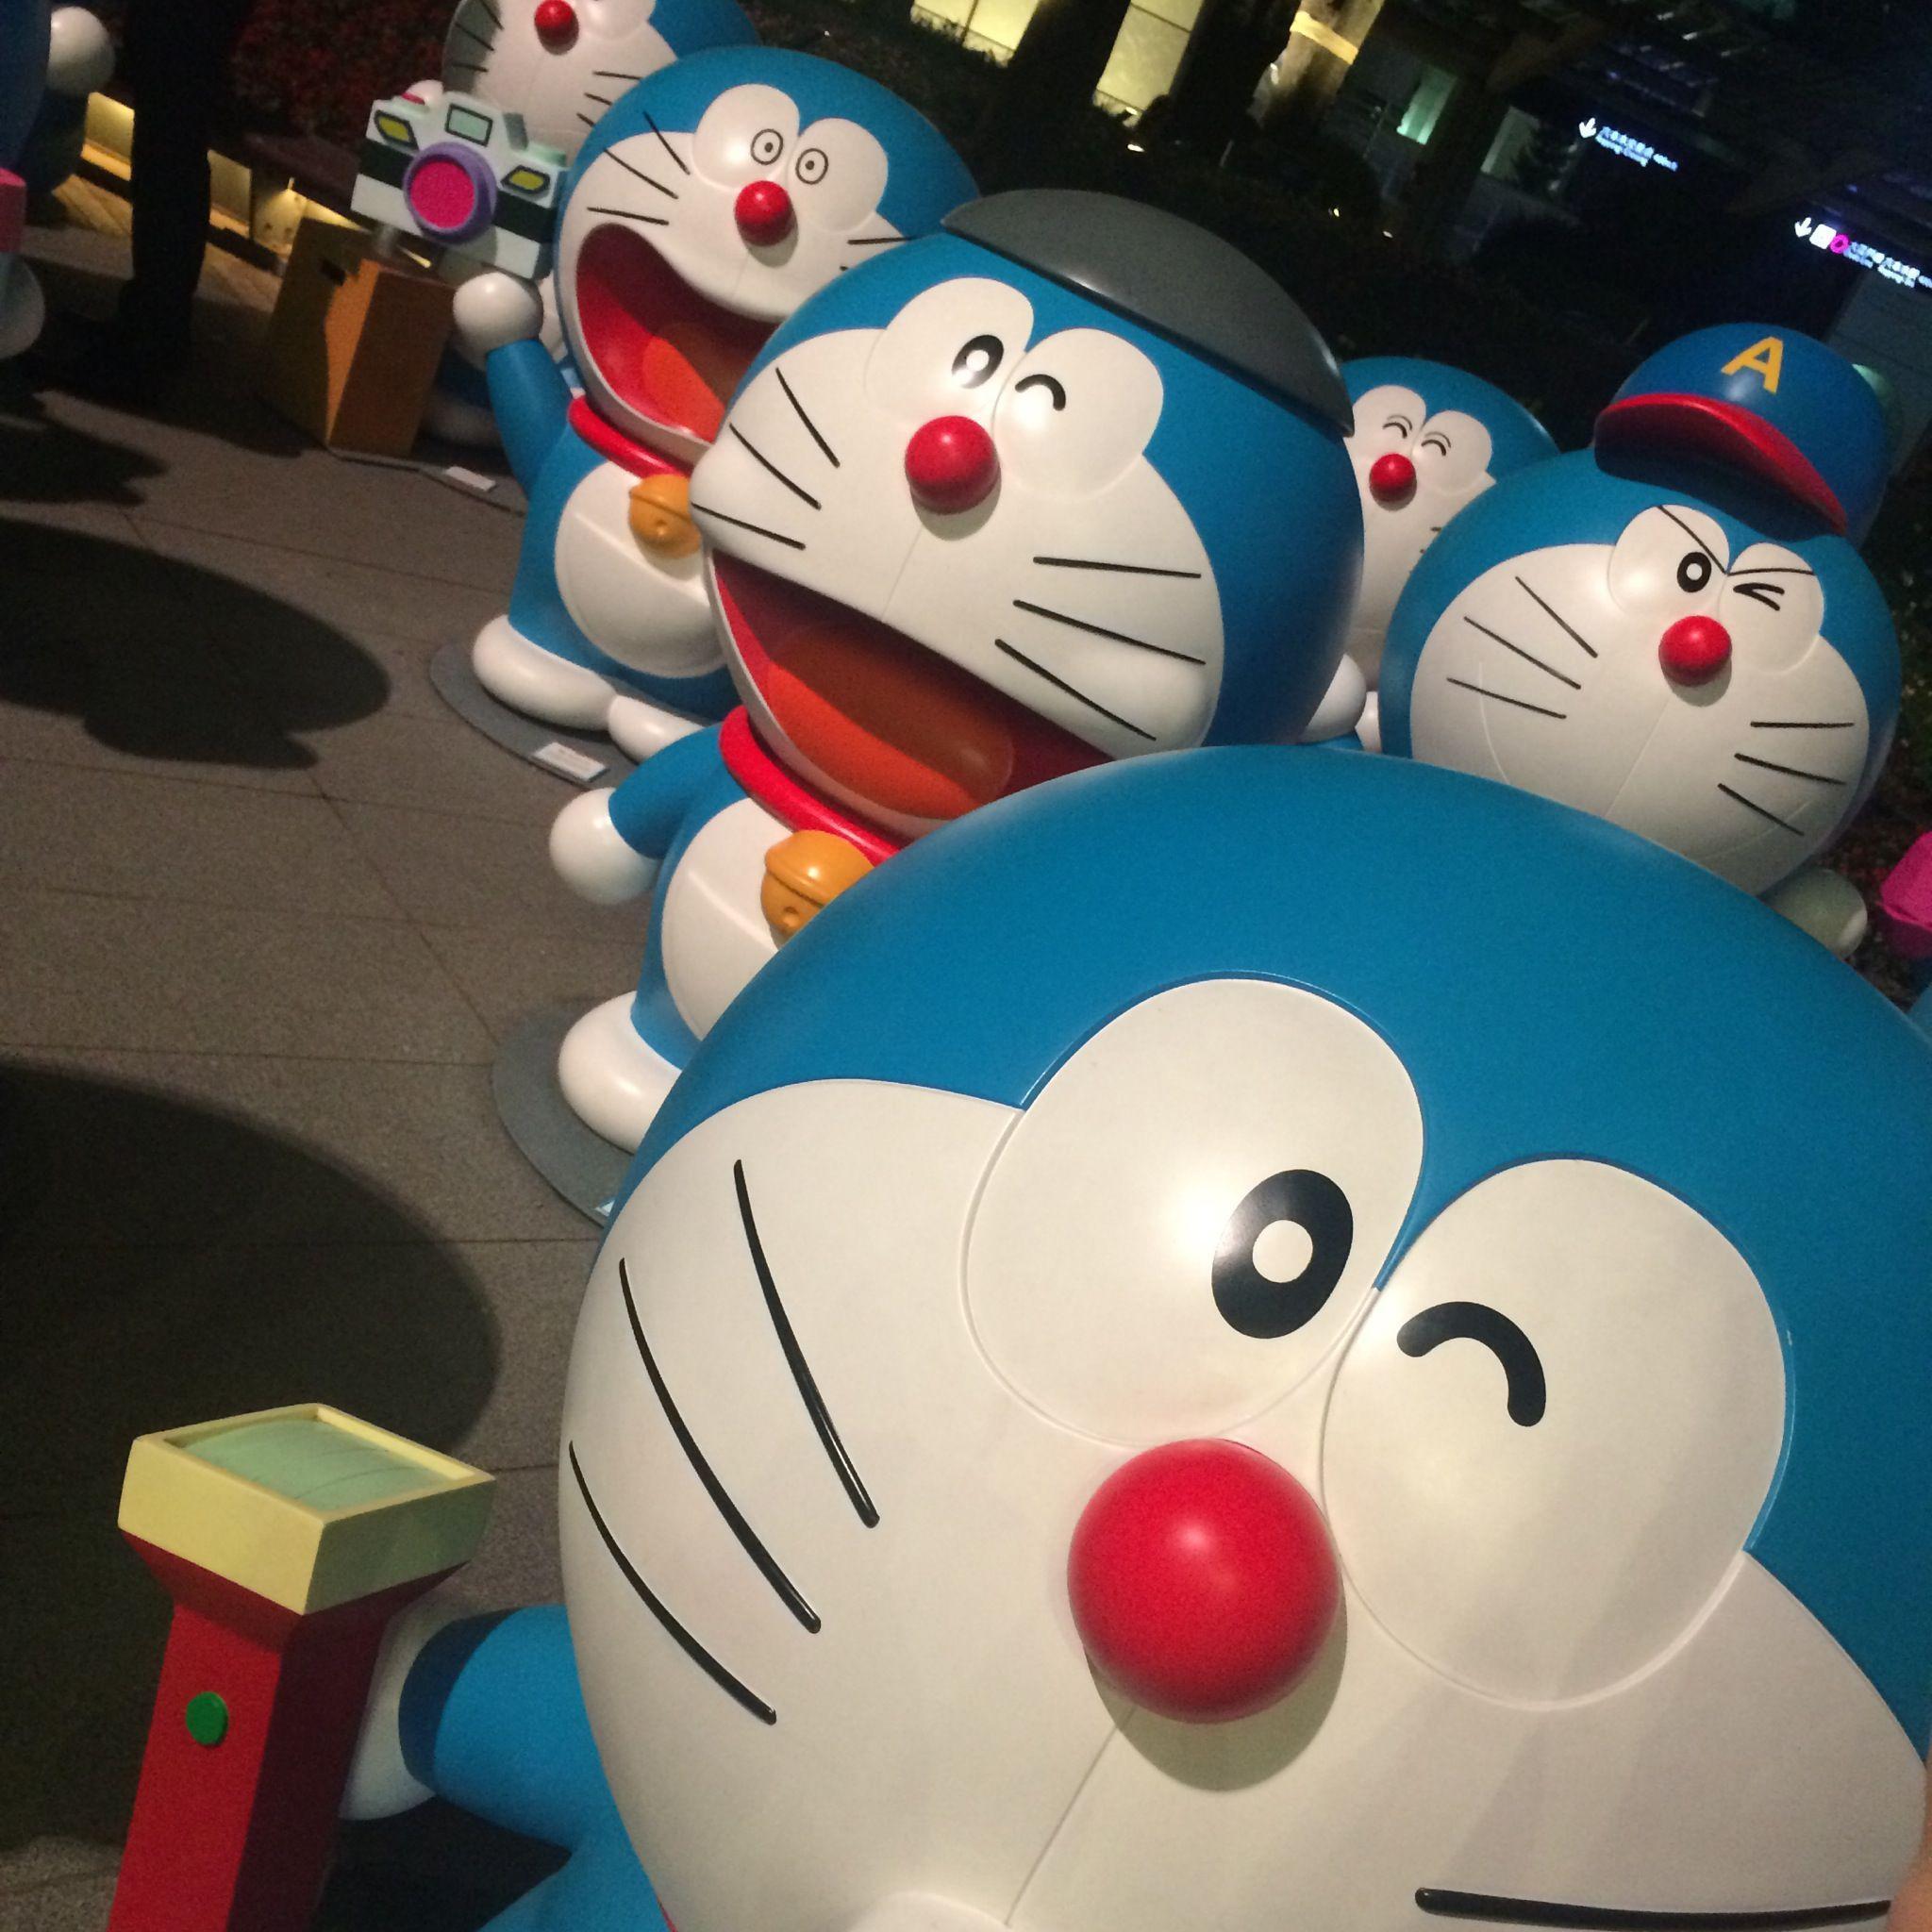 Stand By Me Doraemon 3d Wallpaper Doraemon 3d Wallpapers 2016 Wallpaper Cave